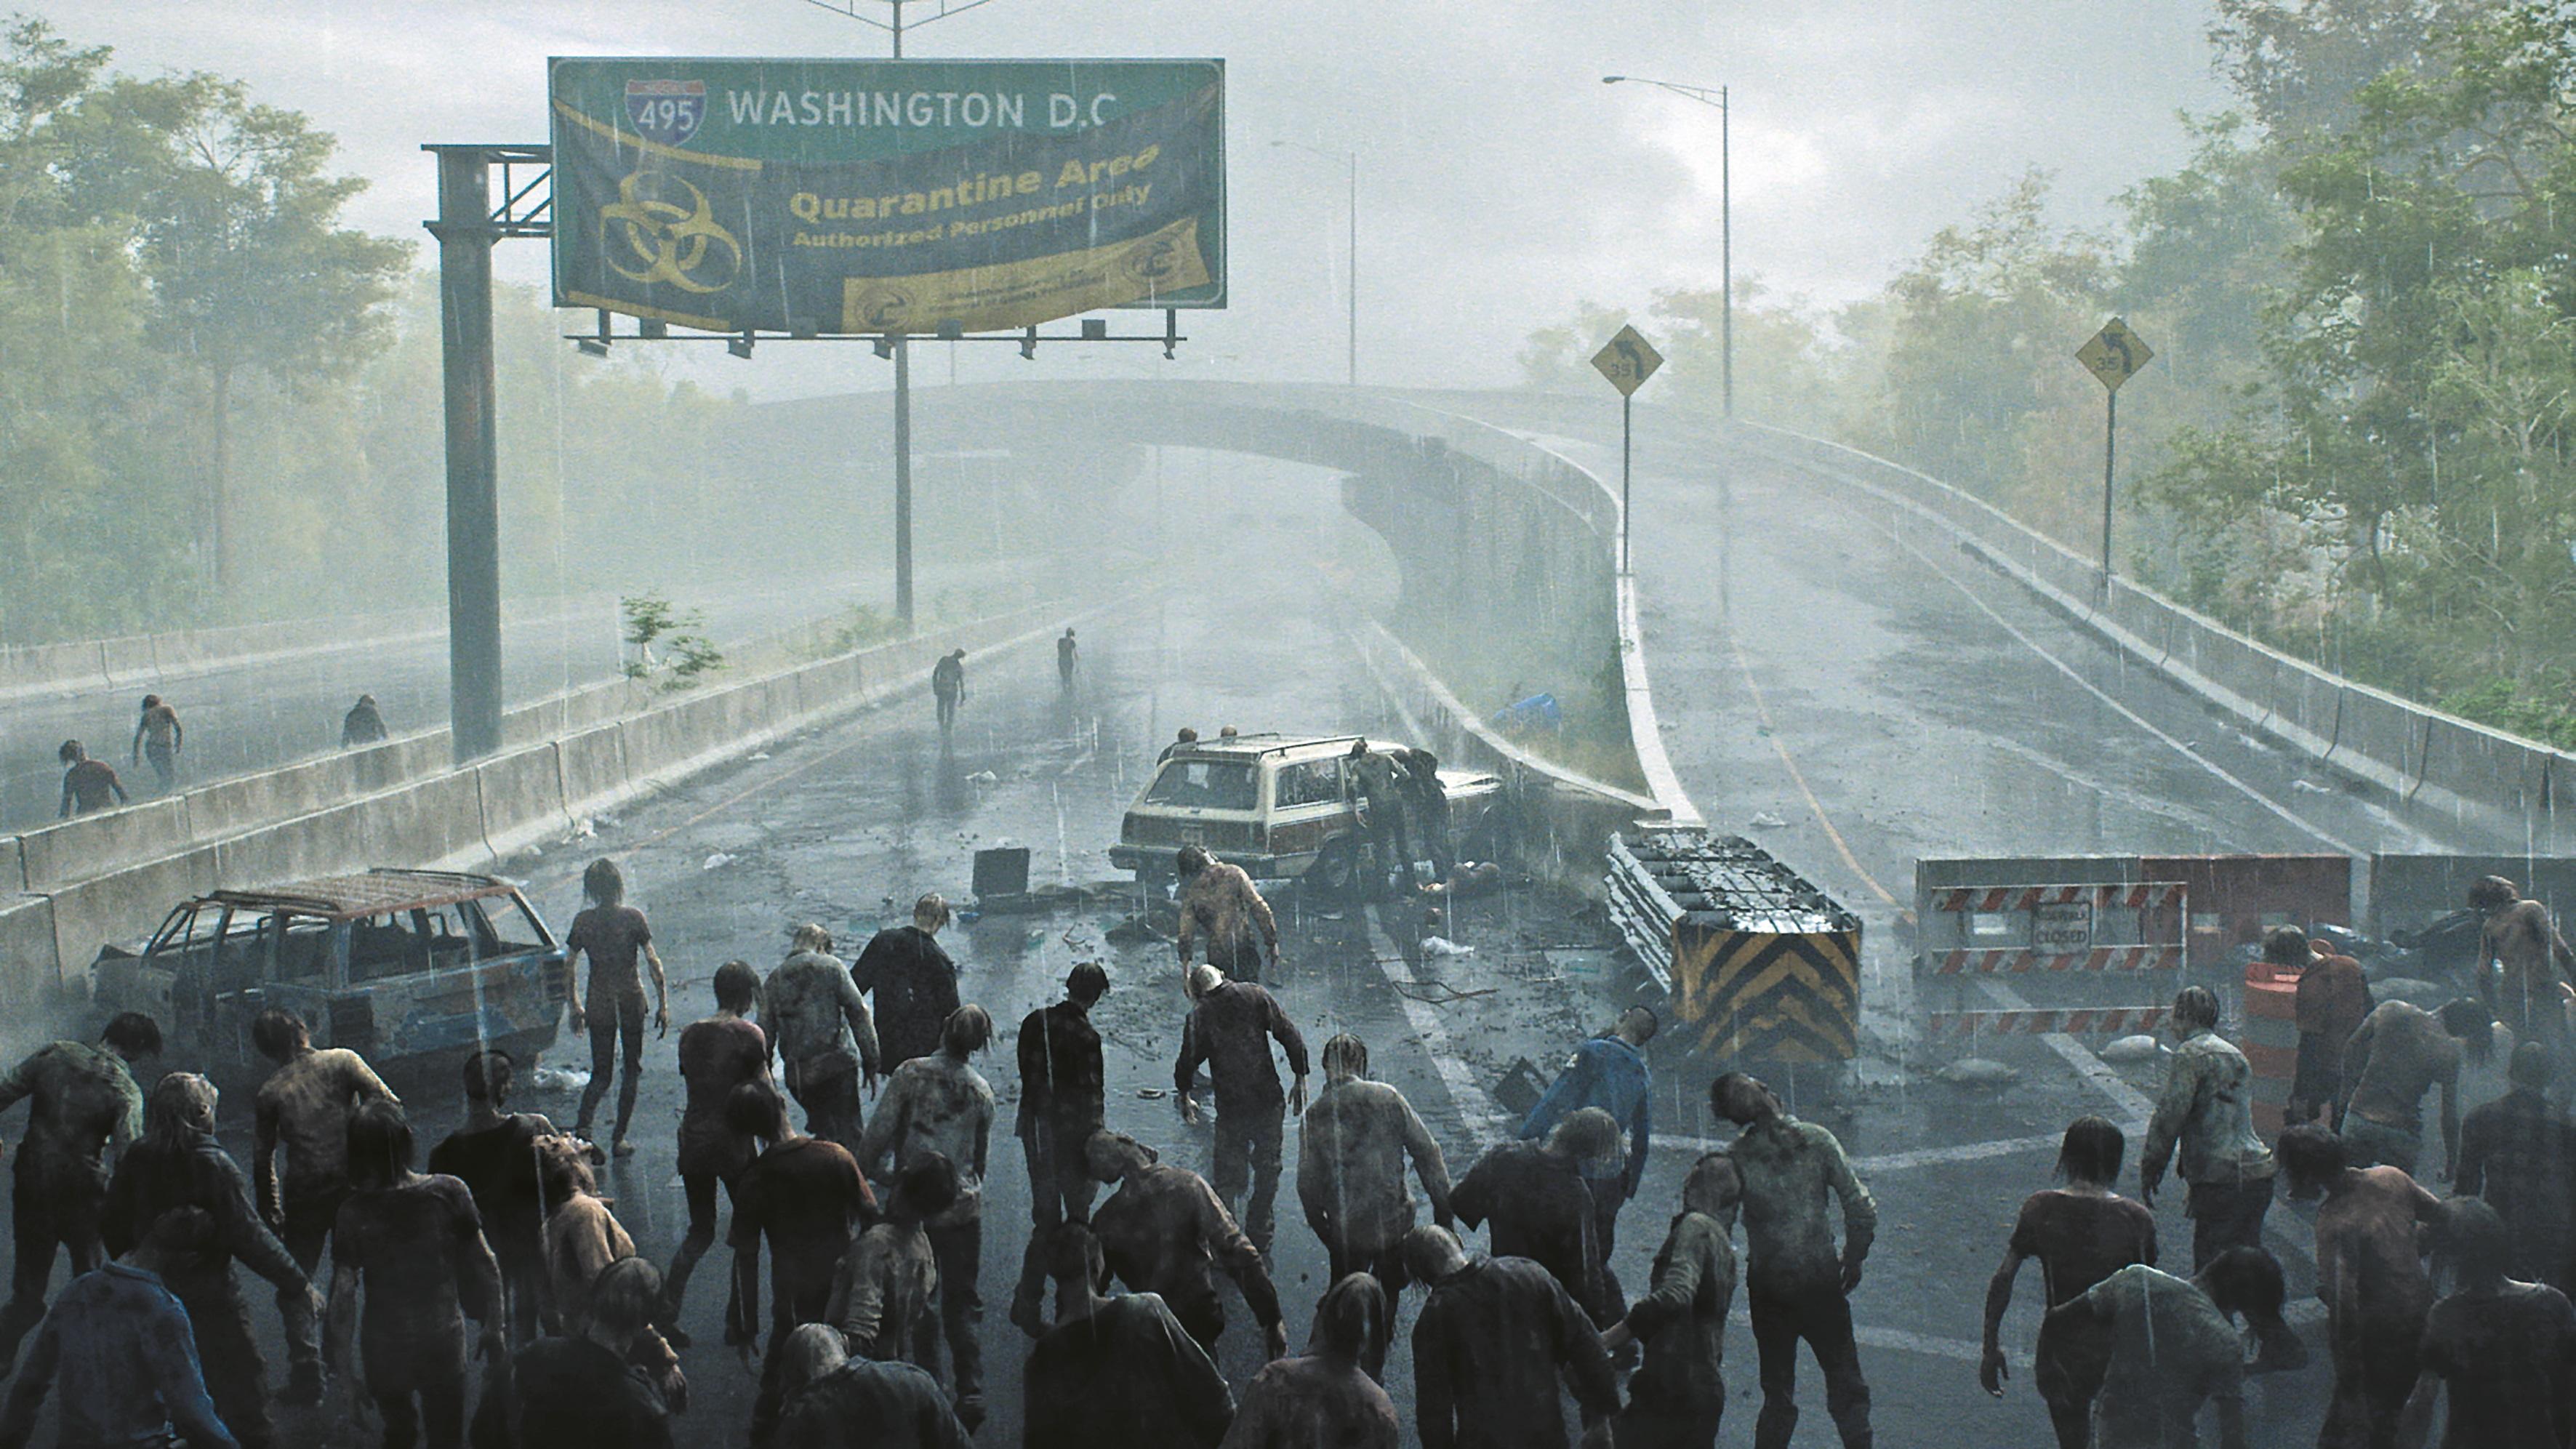 Das Autobahn-Environment basiert auf einer realen Location nördlich von DC, die das Team über Google Maps fand.